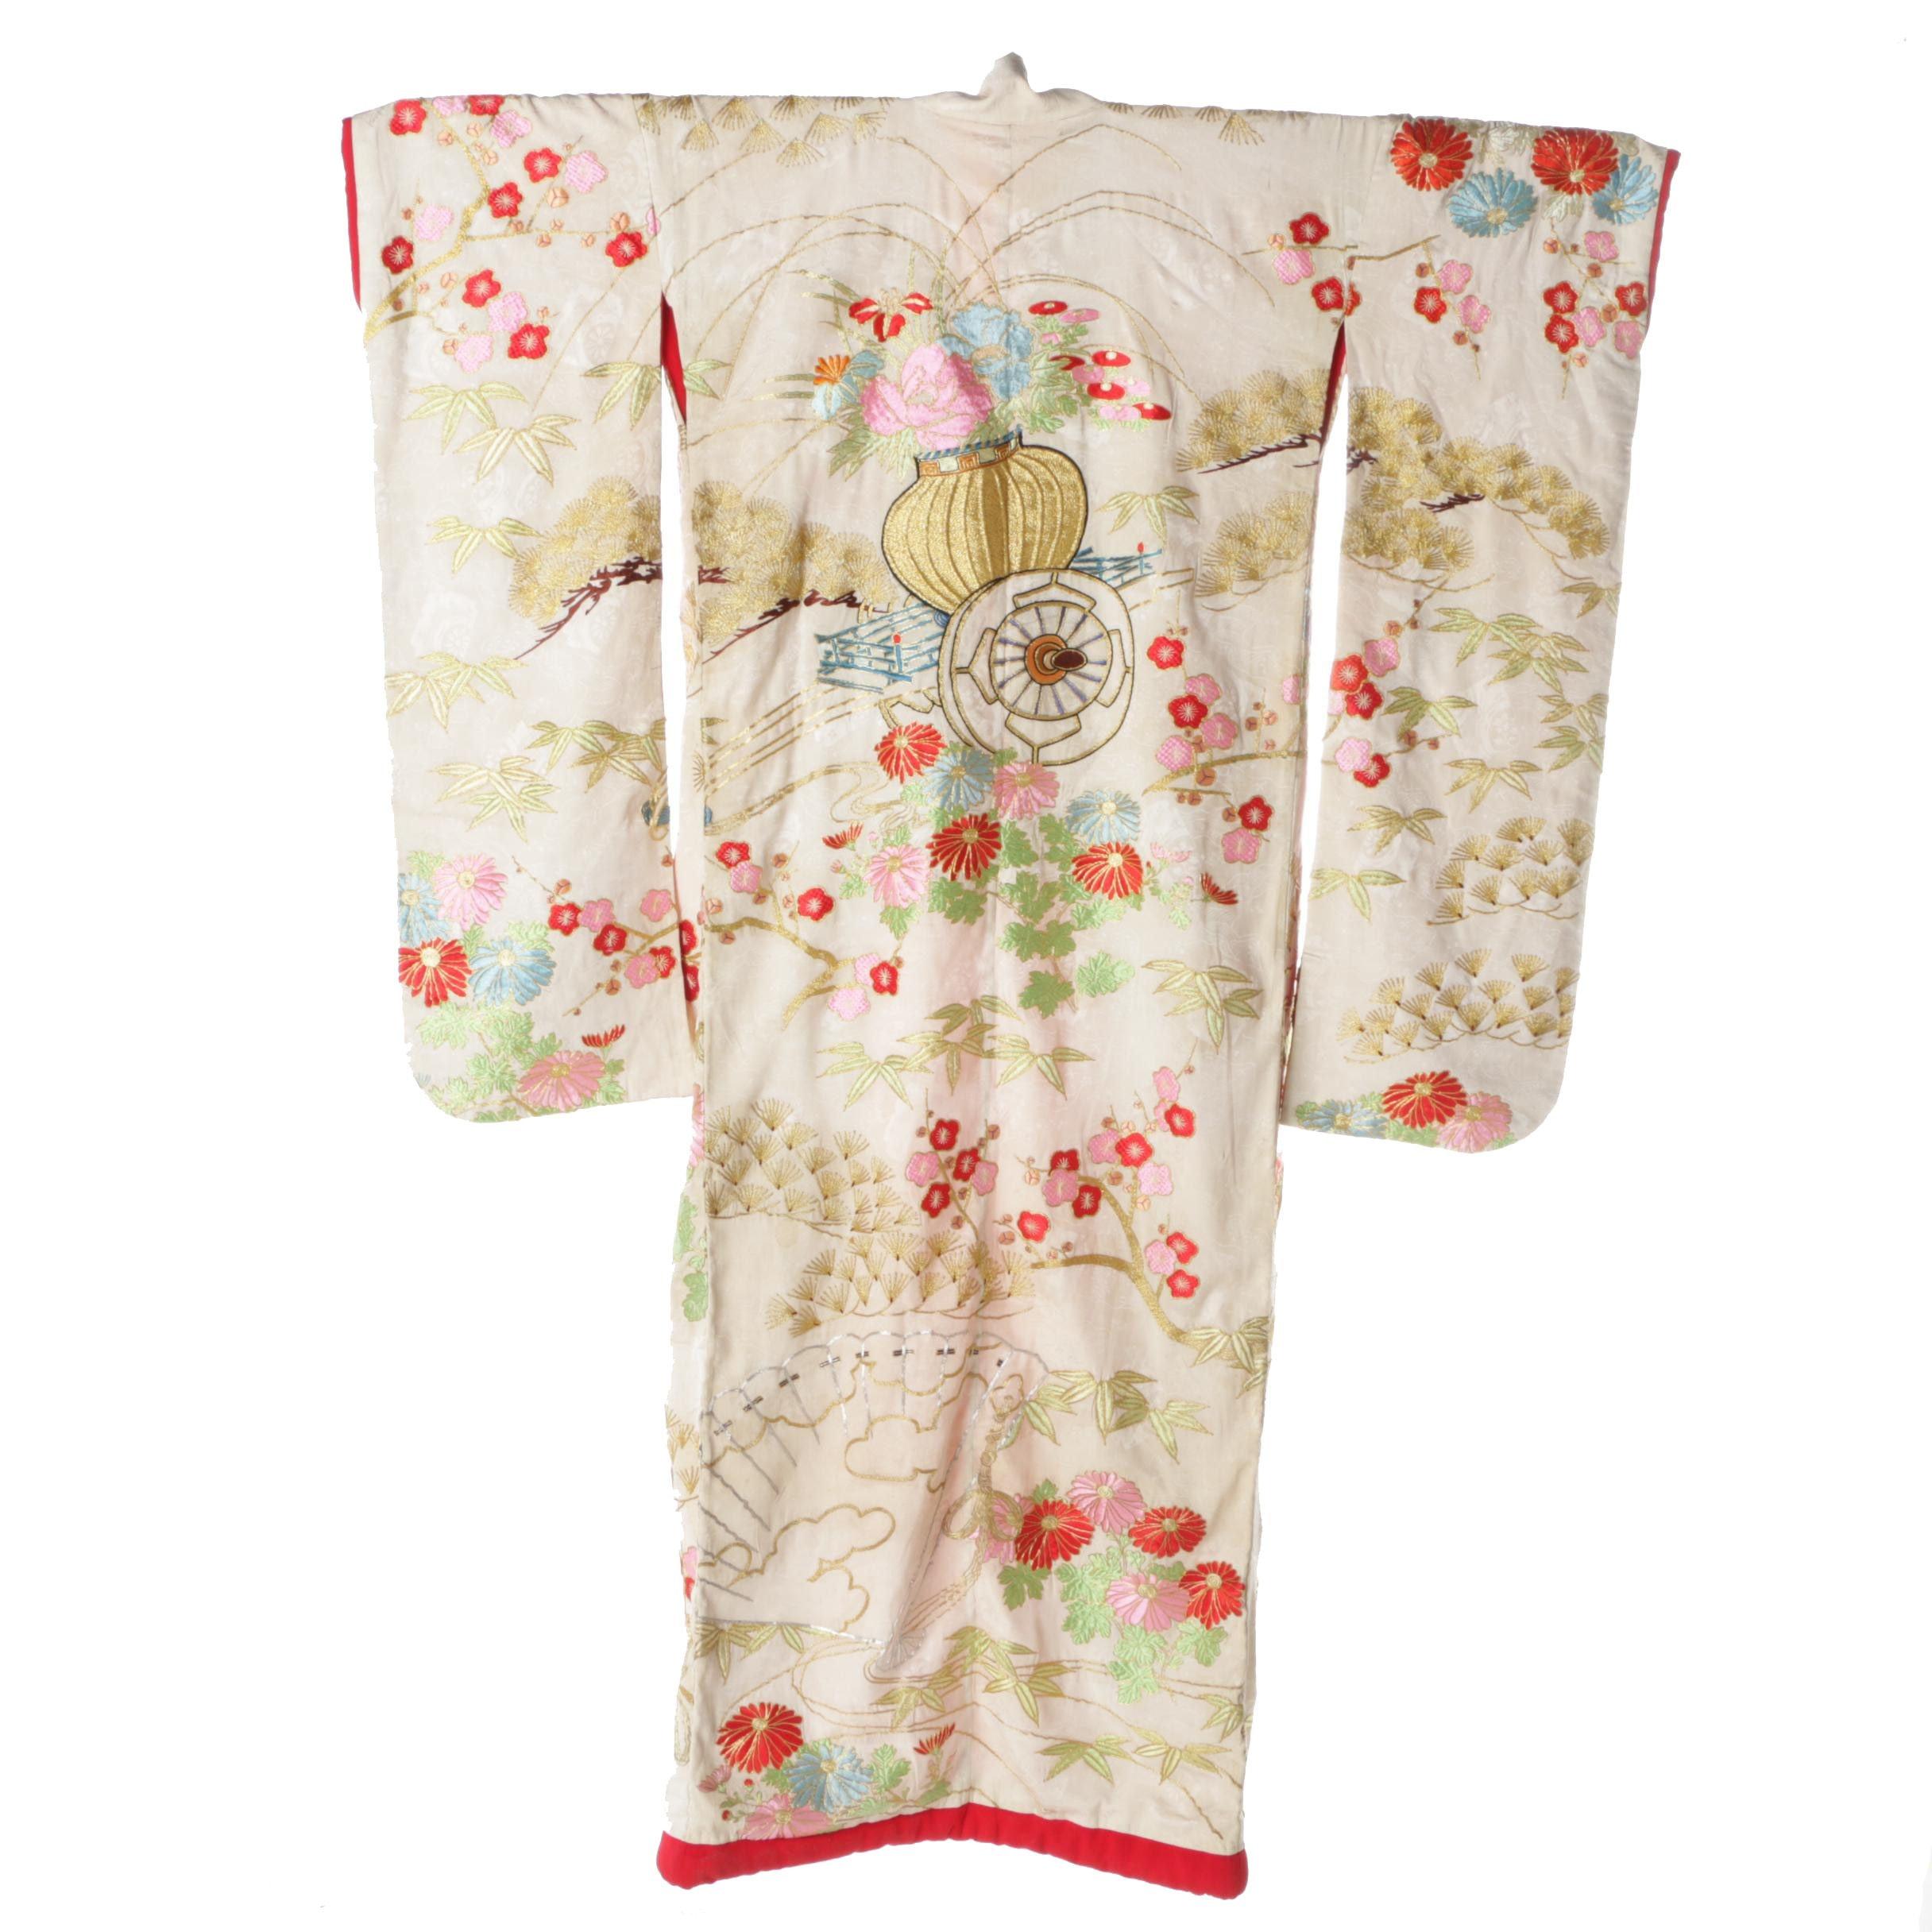 Circa 1900s Antique Japanese Handwoven Silk Uchikake Kimono